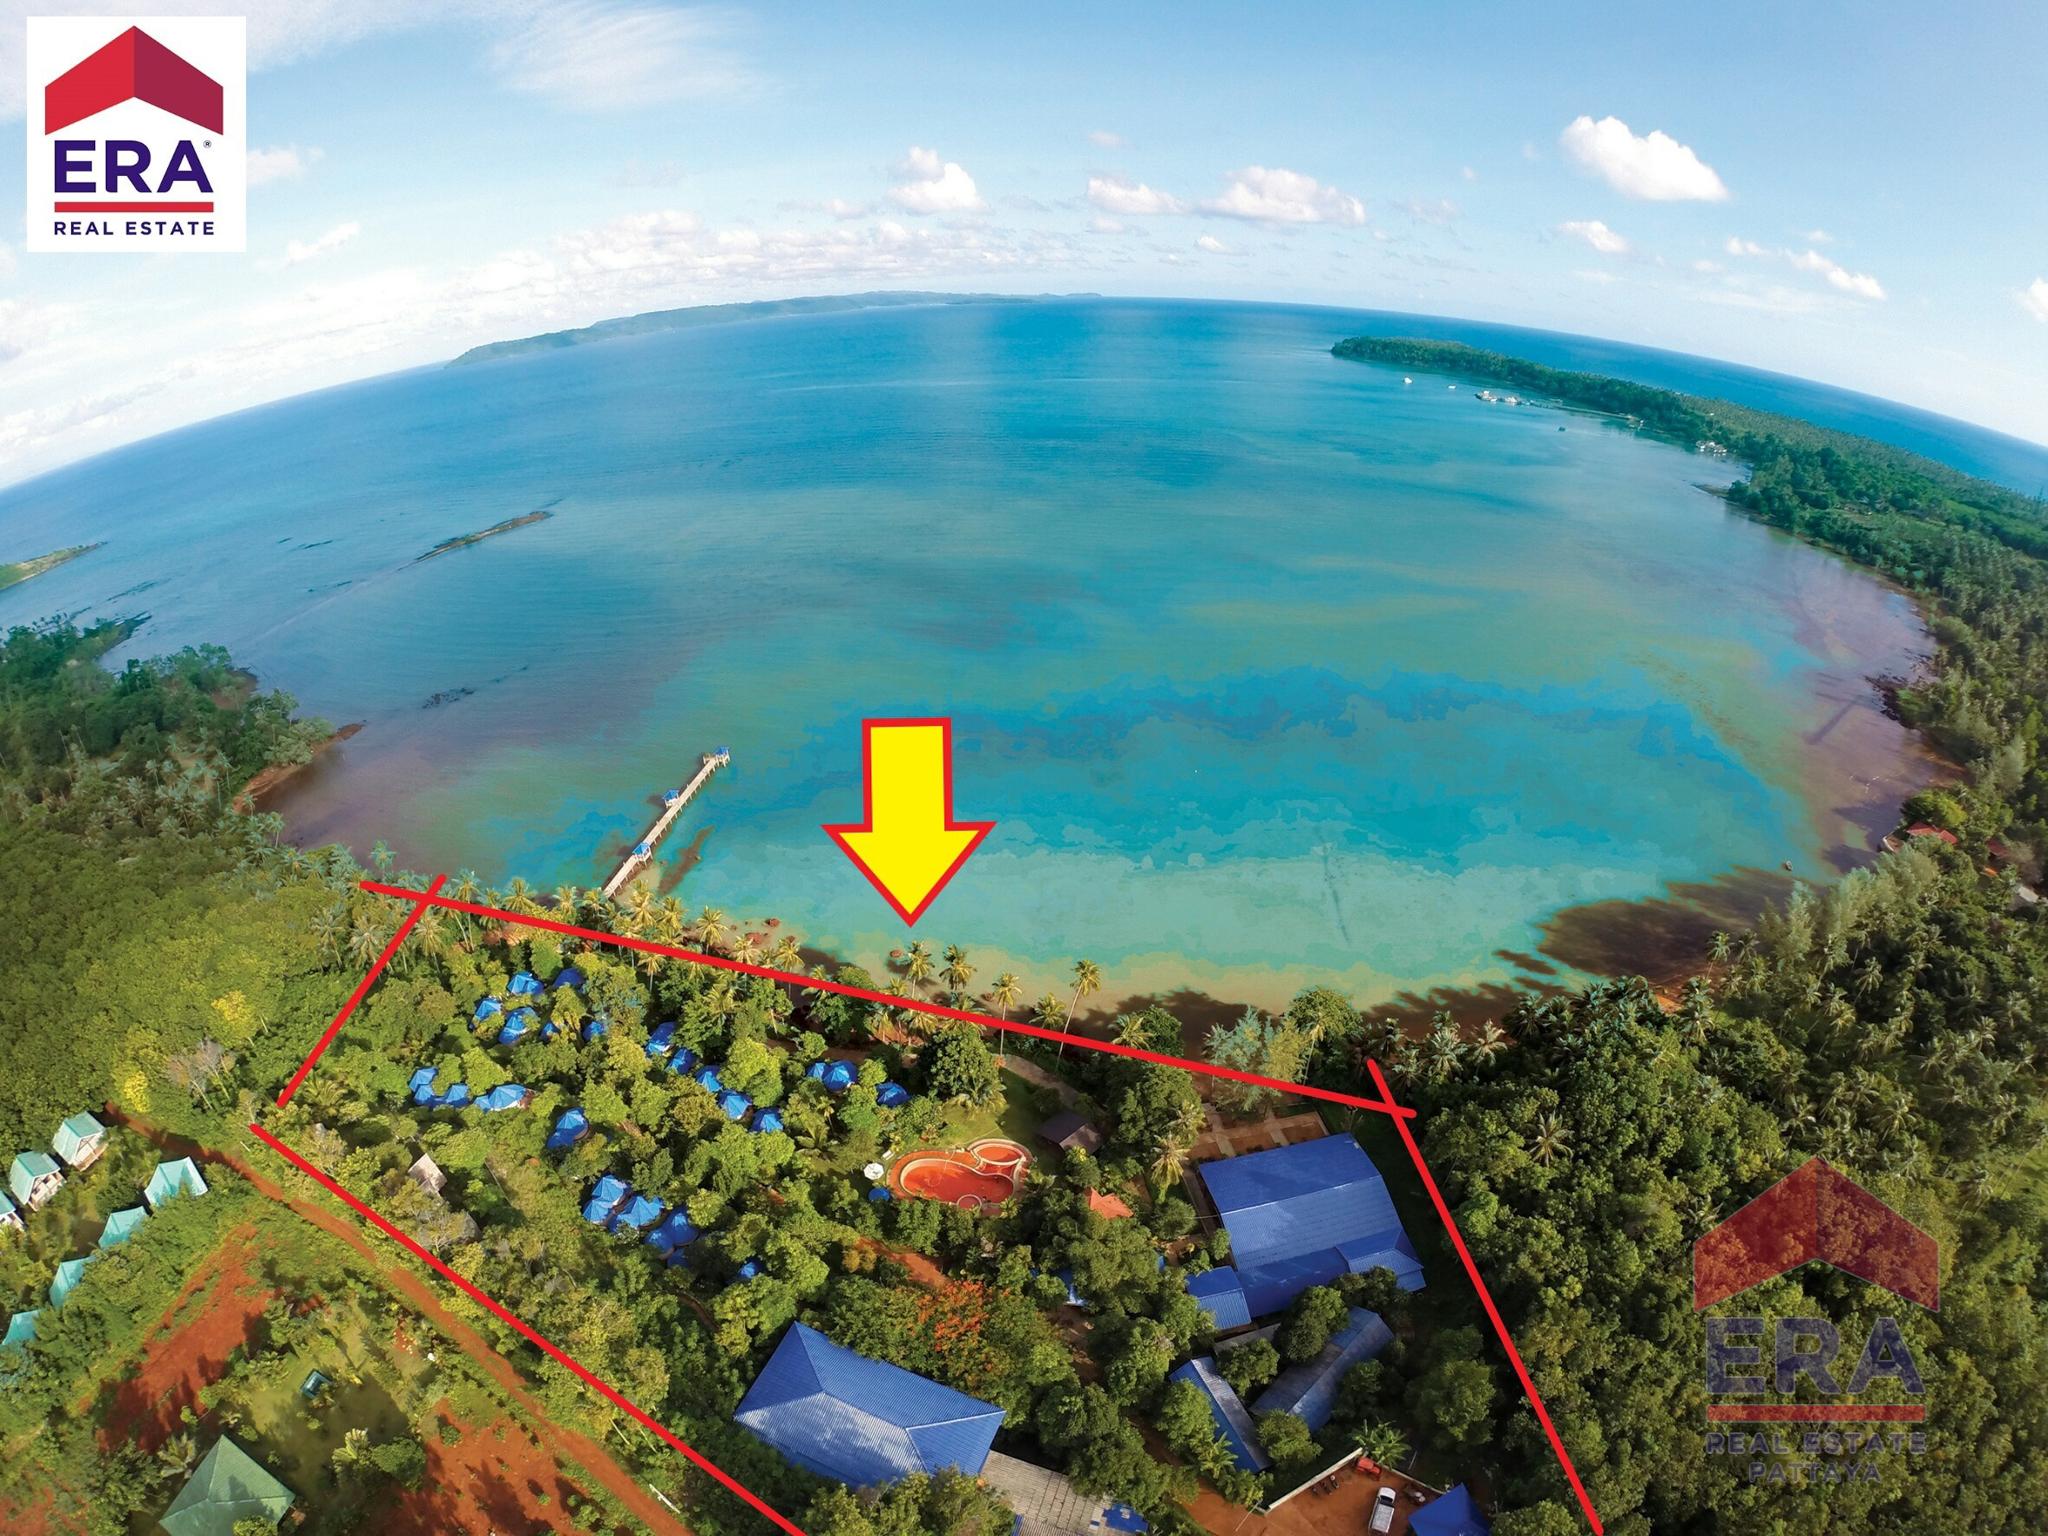 ขายโรงแรม รีสอร์ท มีใบอนุญาตโรงแรม บนเกาะหมาก  Rare Income Property Opportunity:Profitable, Turnkey Island Resort For Sale. Buri Hut Natural Resort.